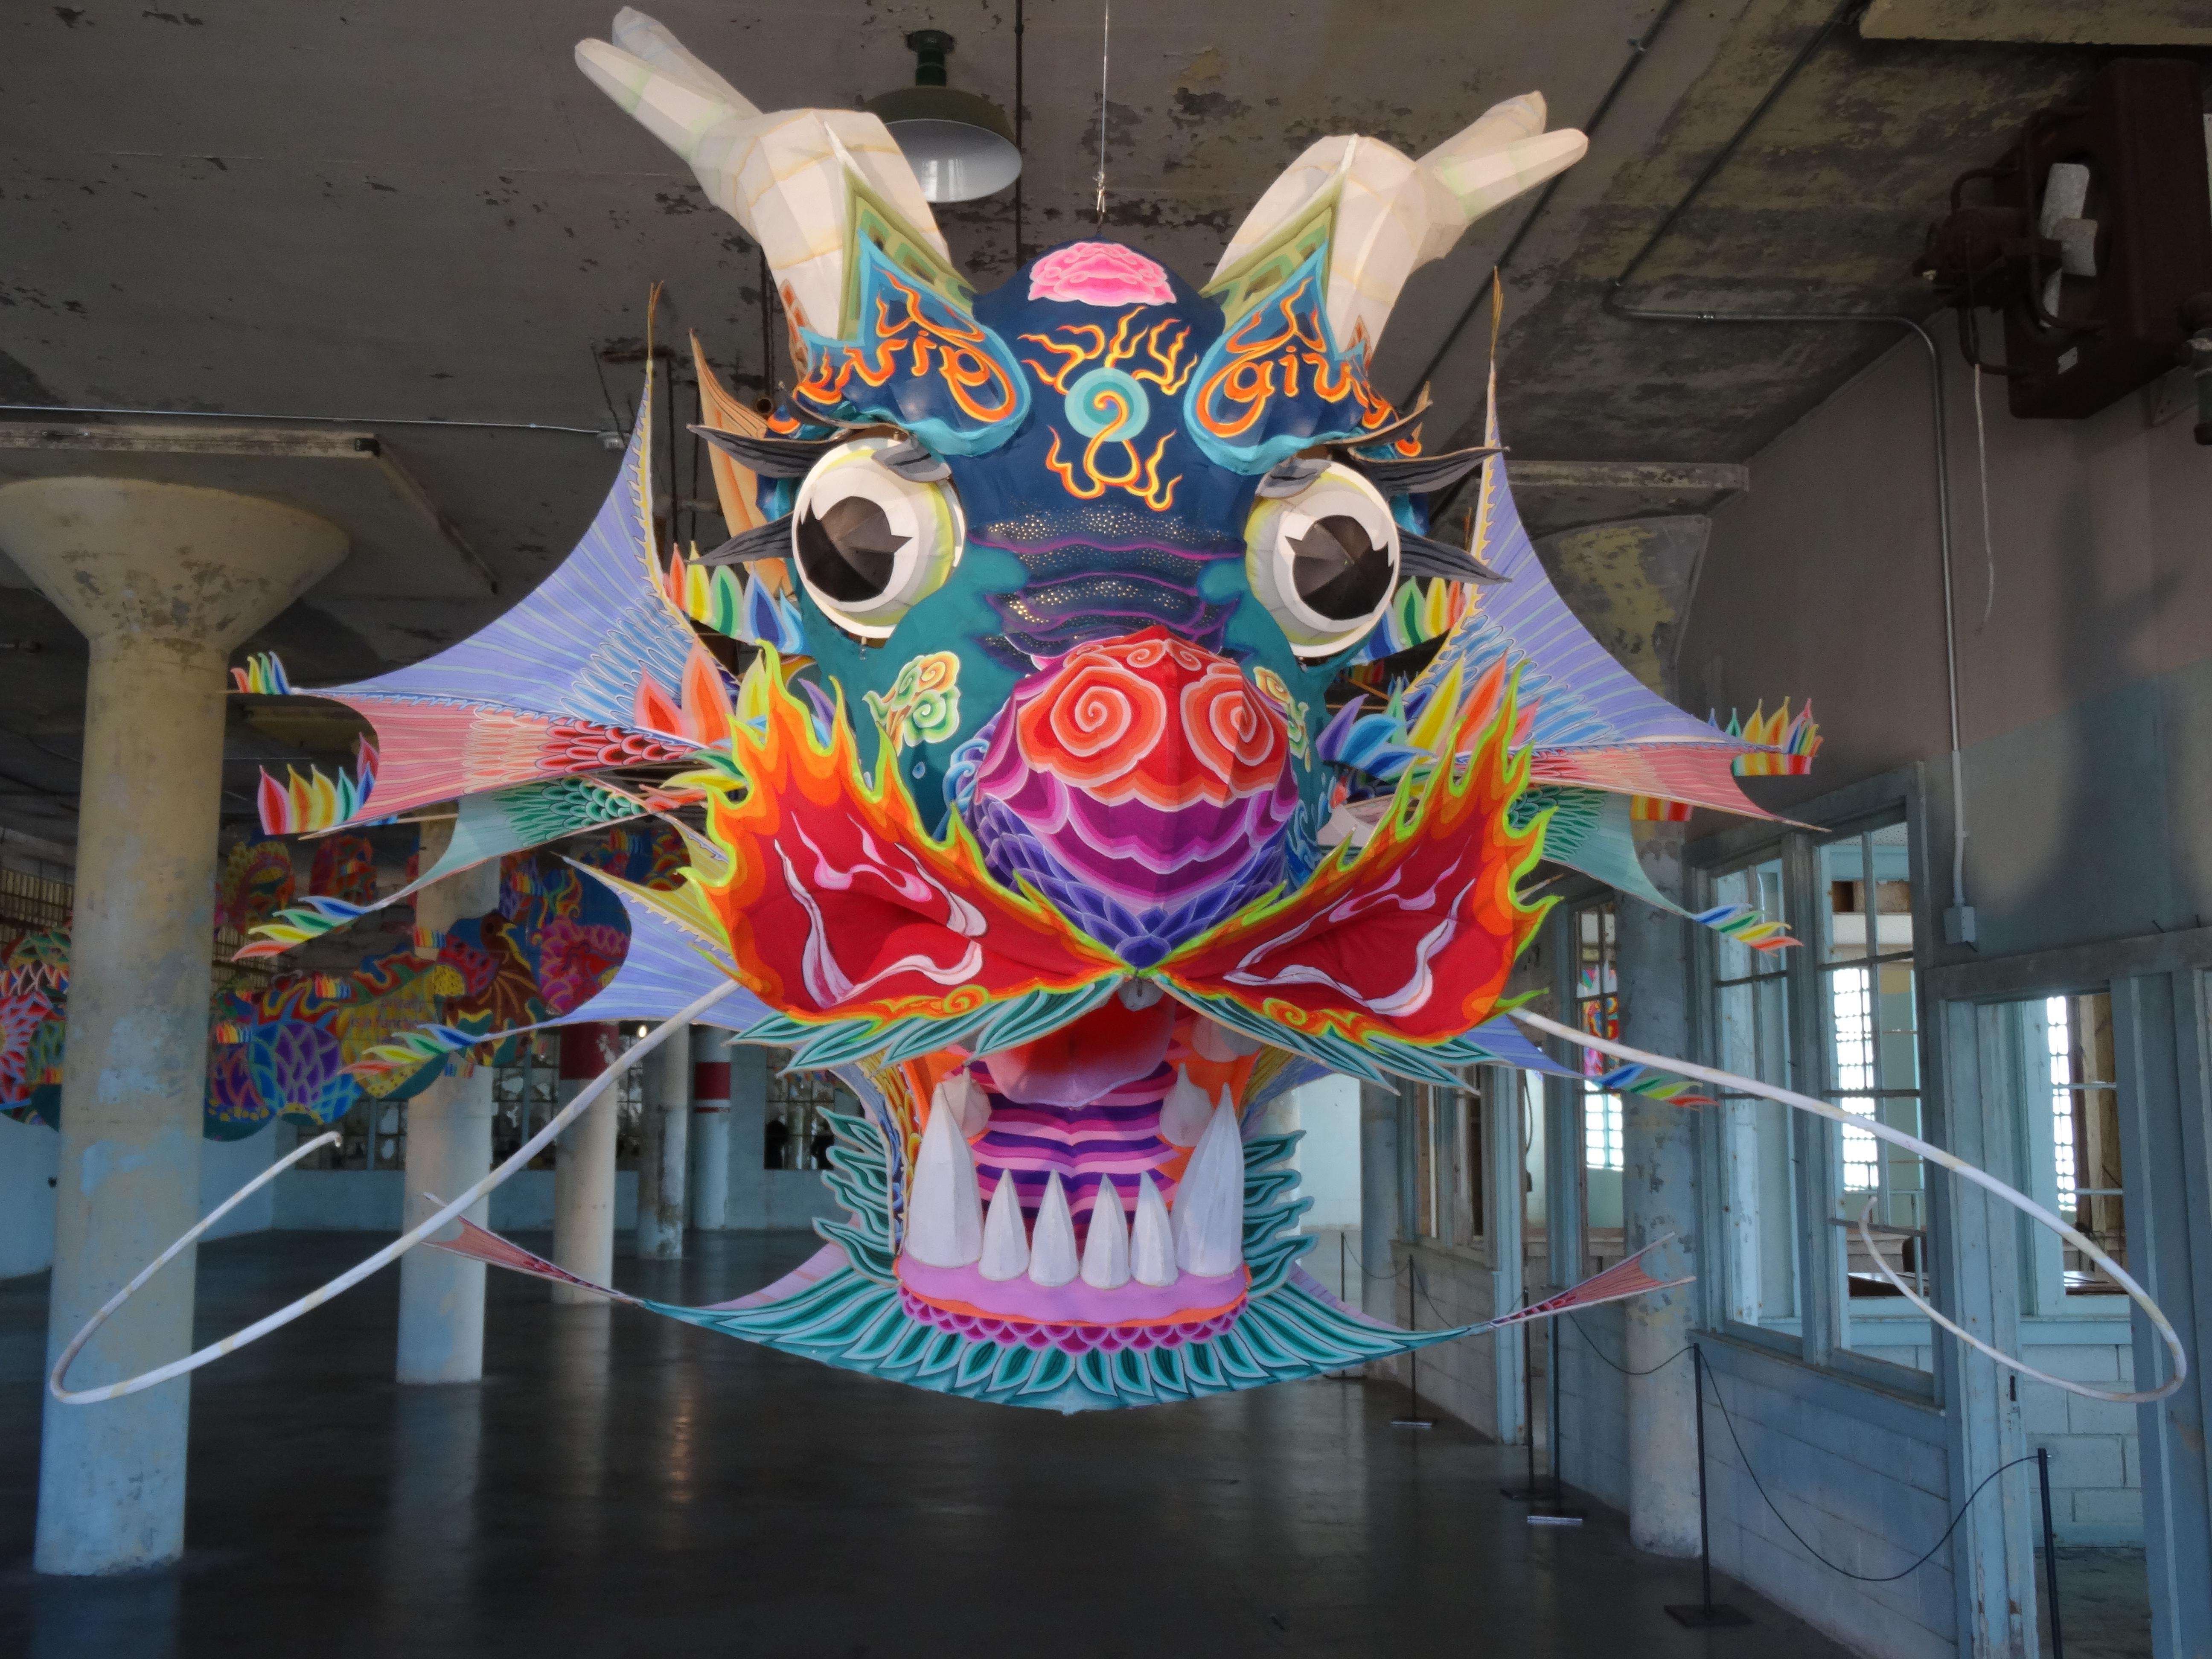 Weiwei @Large in Alcatraz